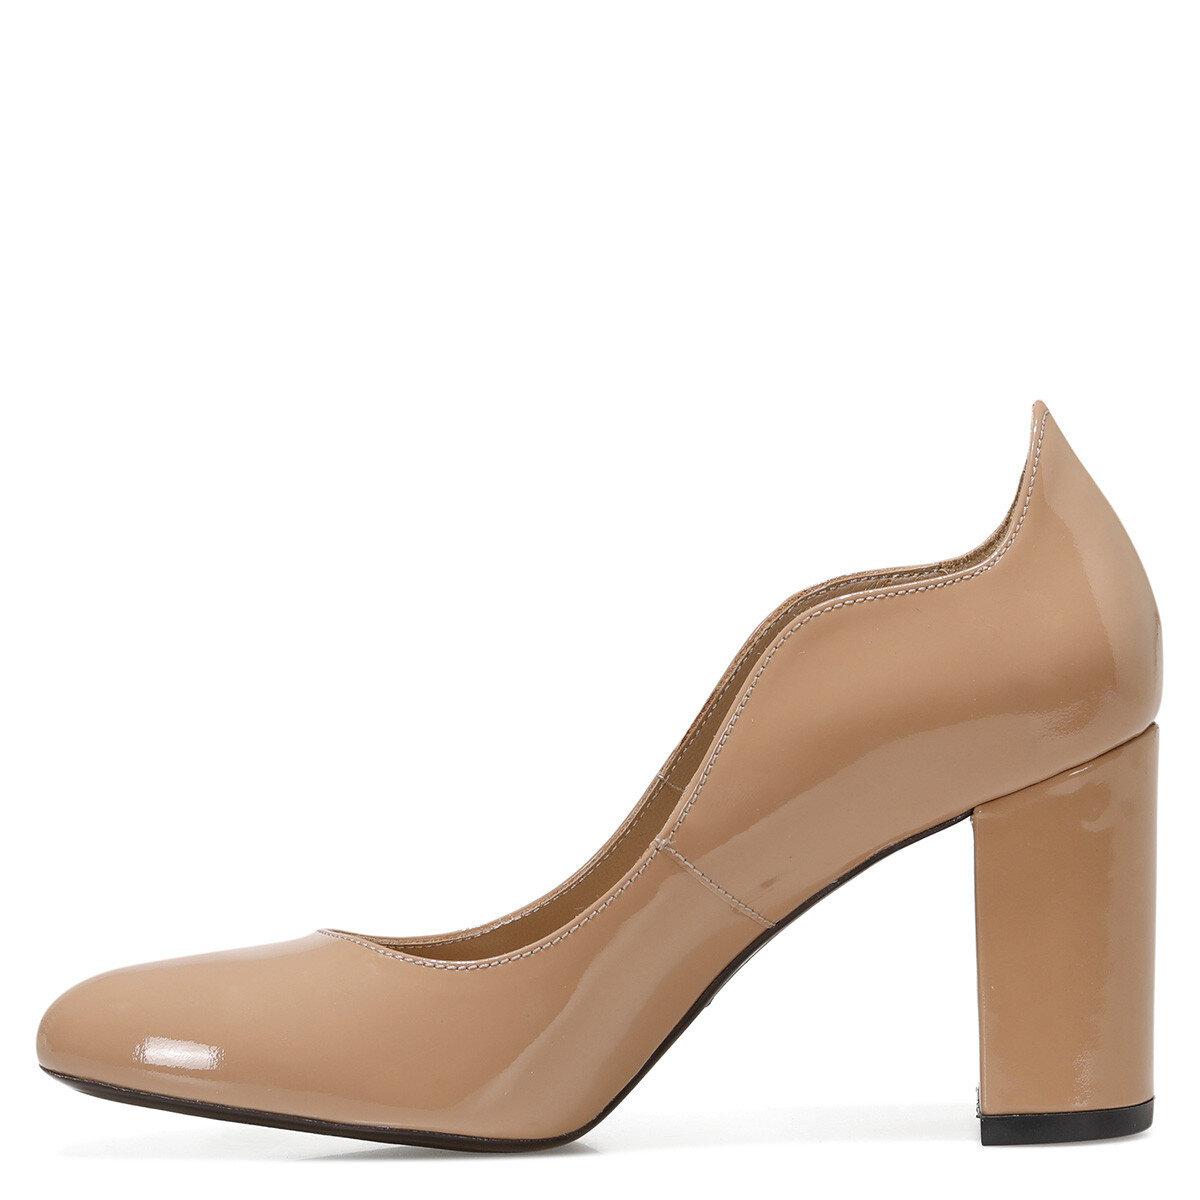 SALLE NUDE Kadın Topuklu Ayakkabı